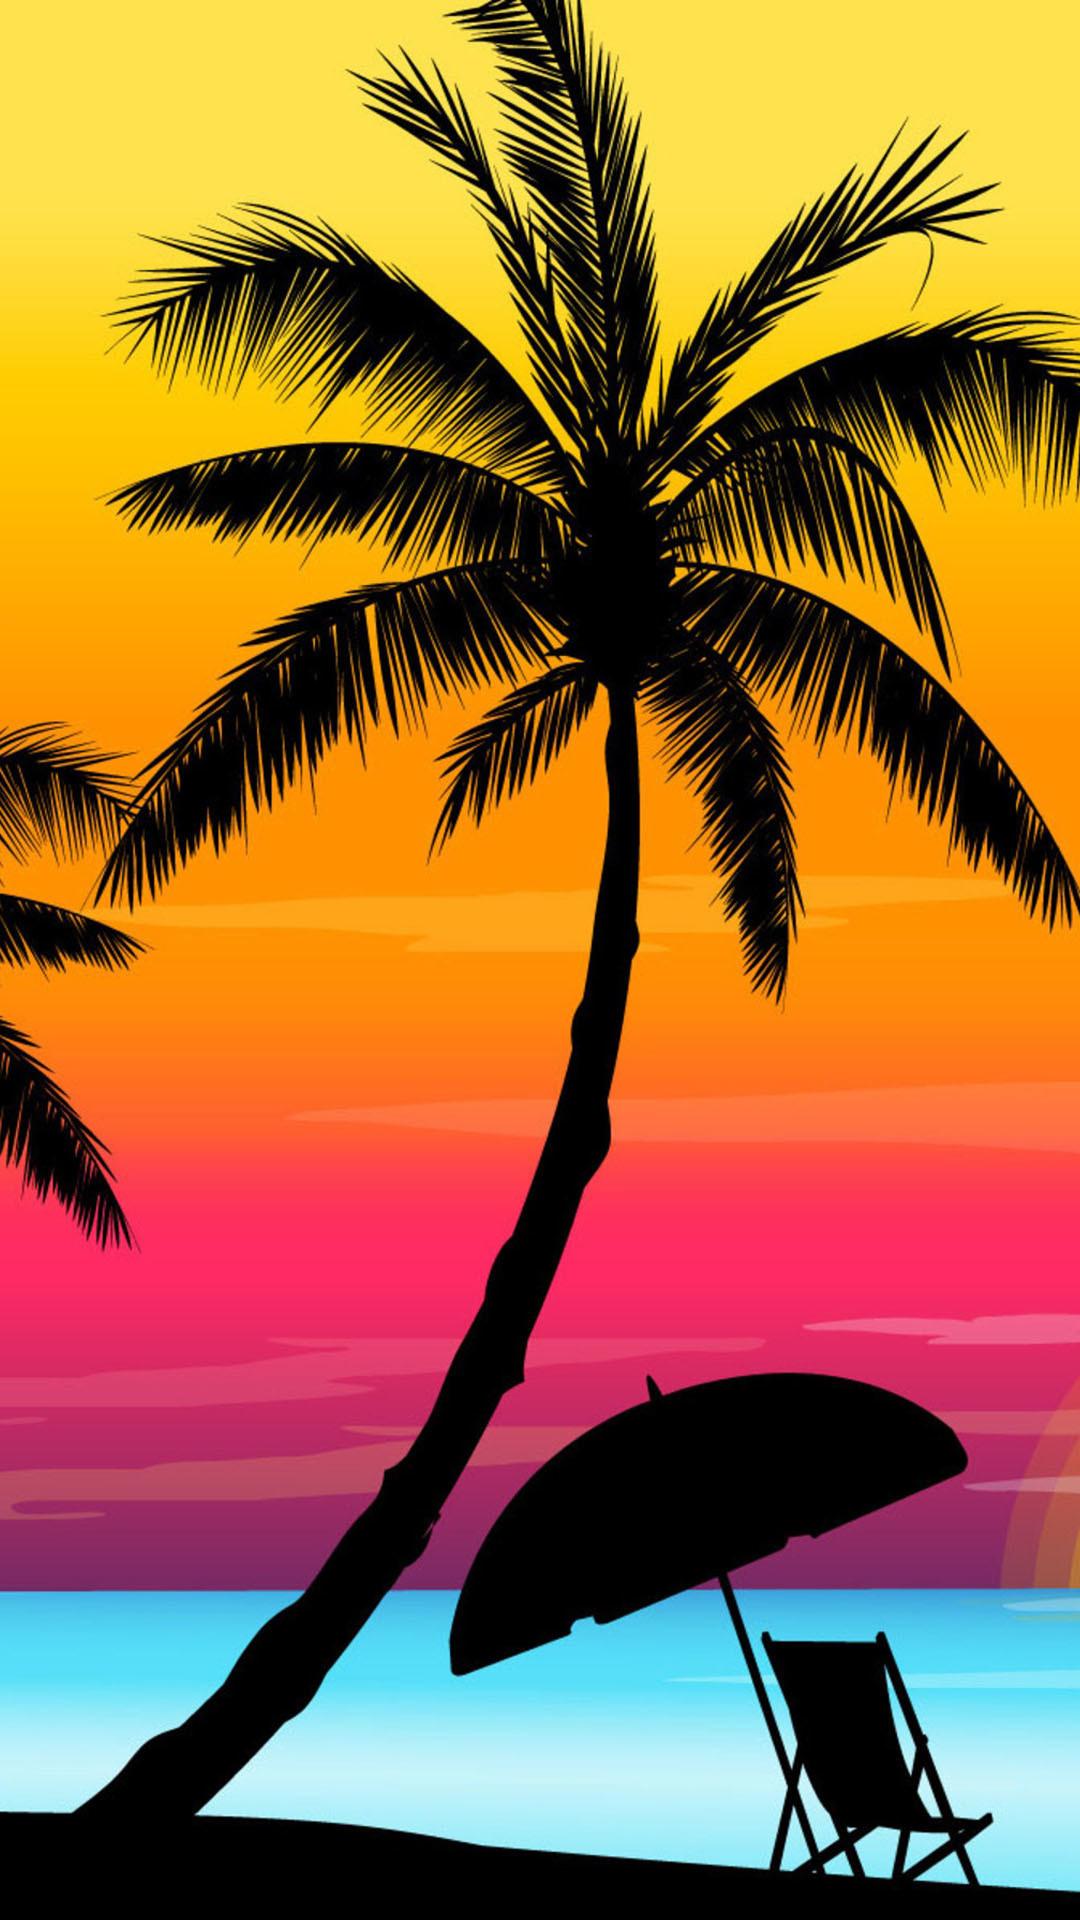 1080x1920 DzD D 3 4 IPhone Wallpaper Summer